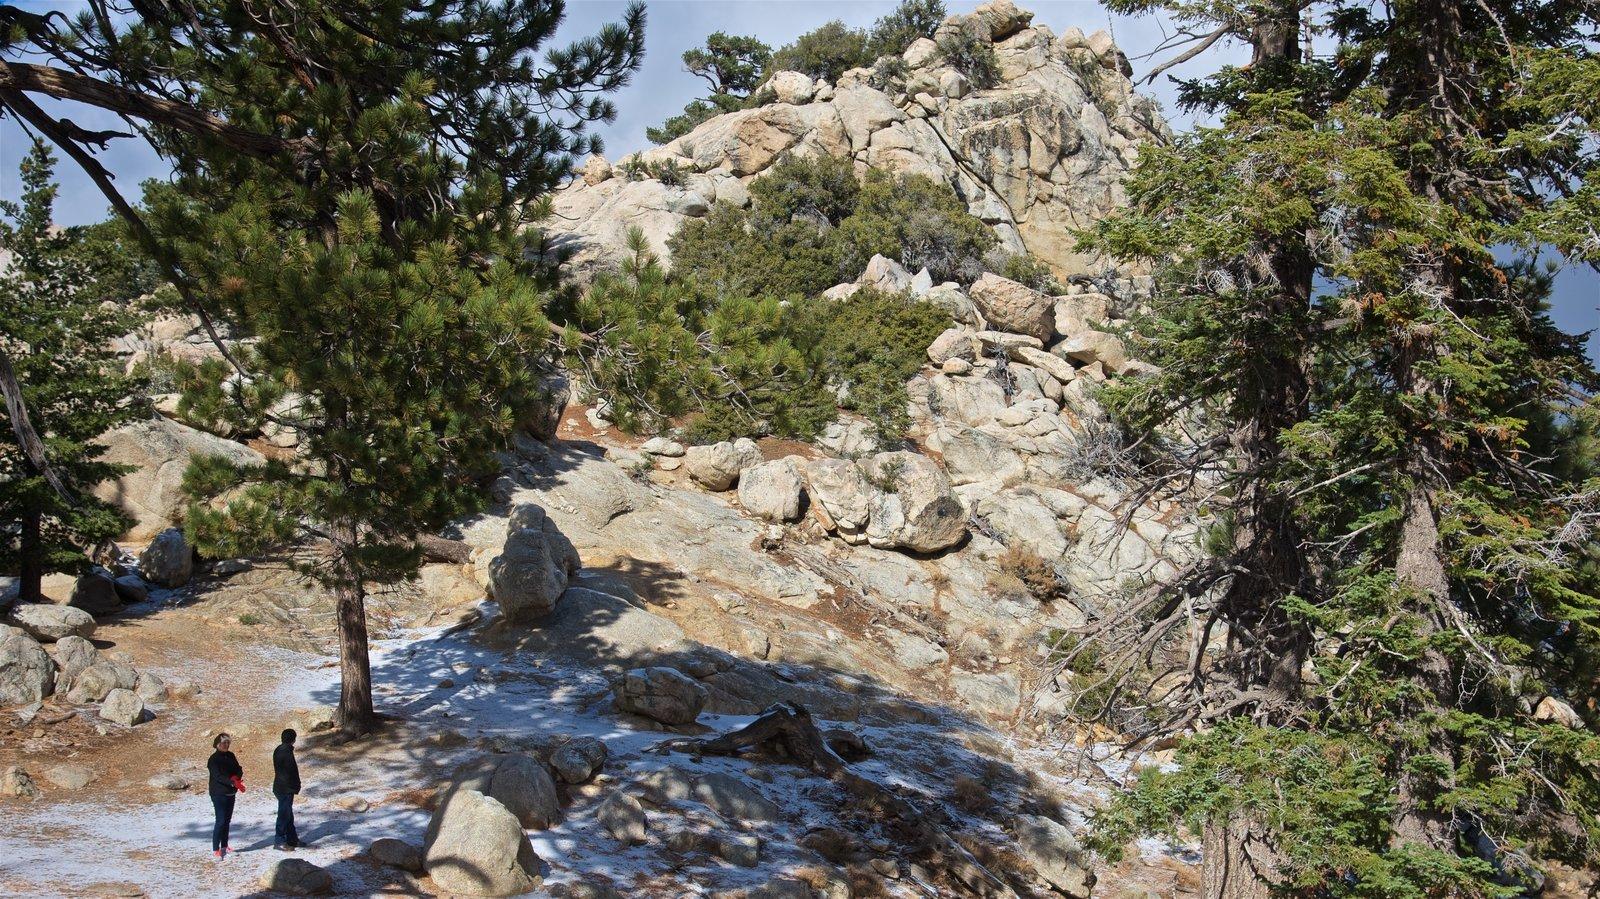 Parque estatal Mount San Jacinto mostrando montañas y también una pareja